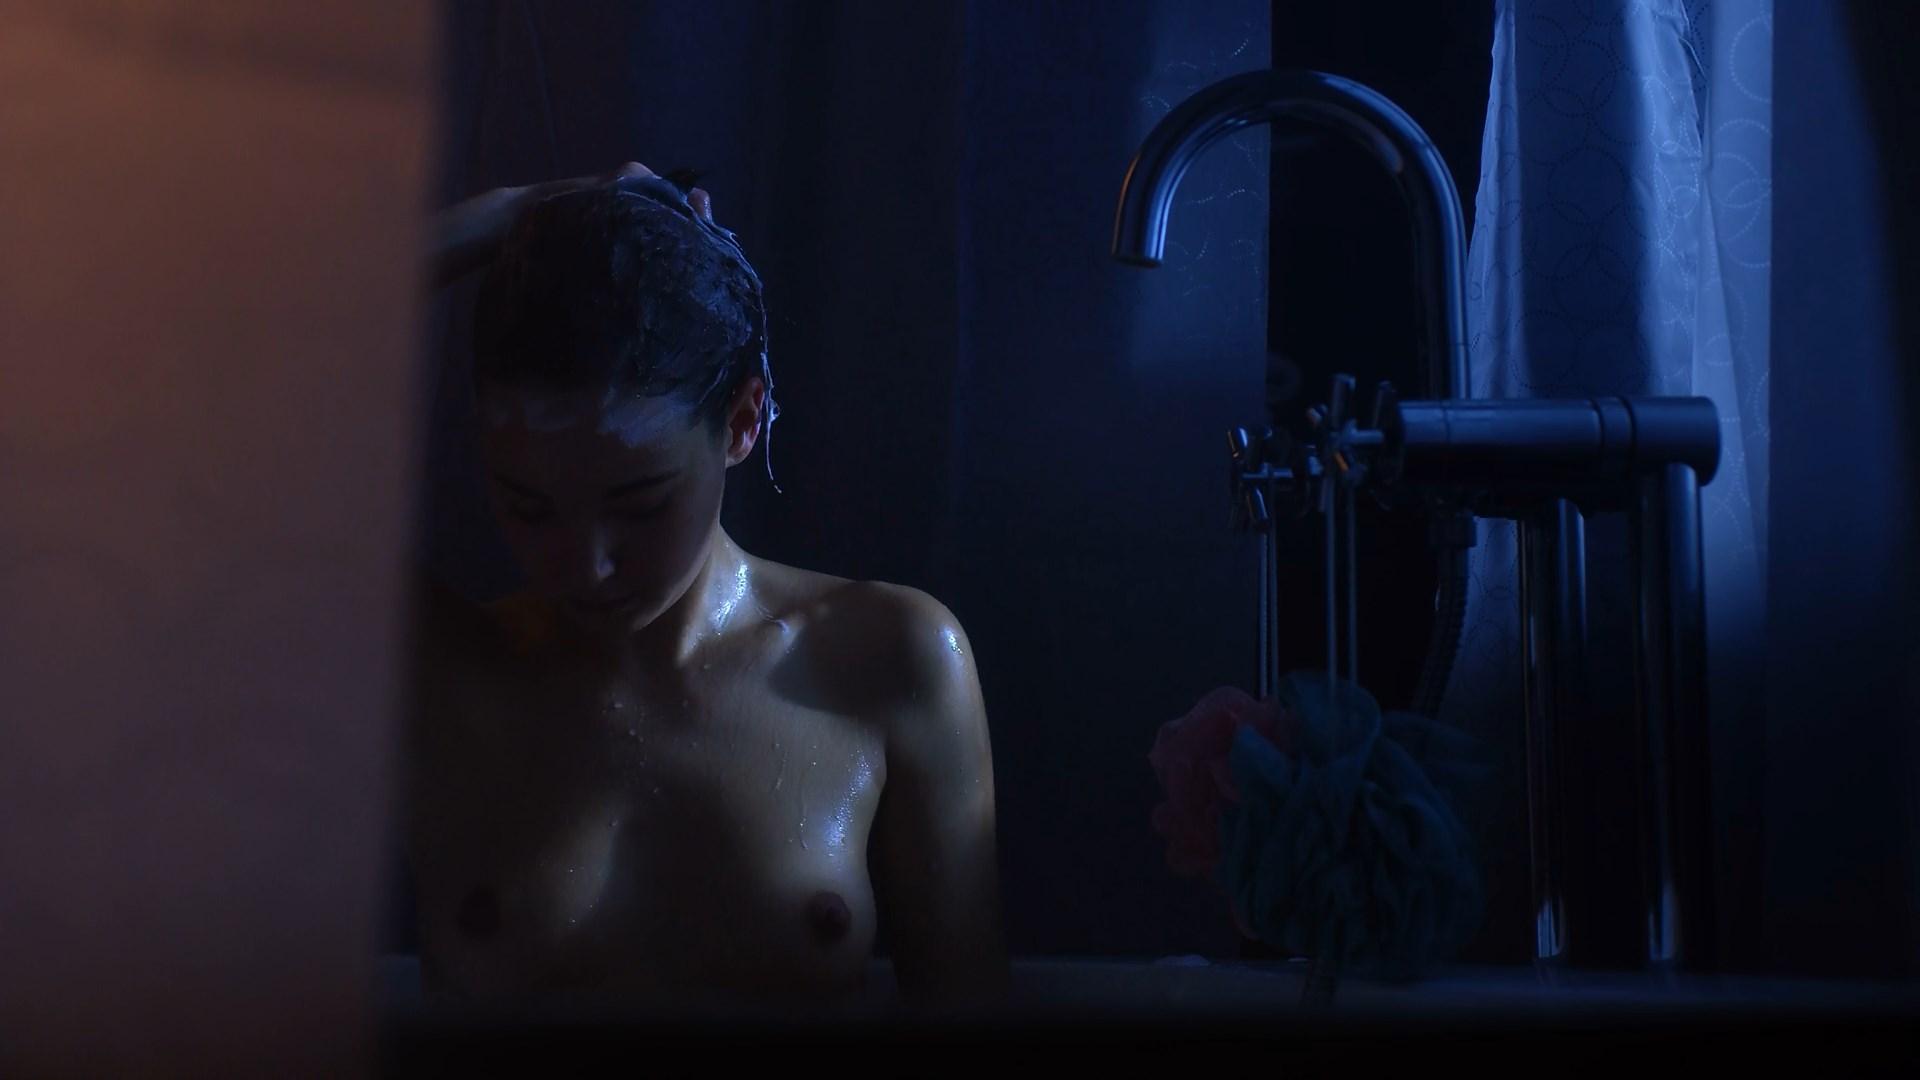 Vanda Chaloupkova nude - Haunted s01e06 (2018)